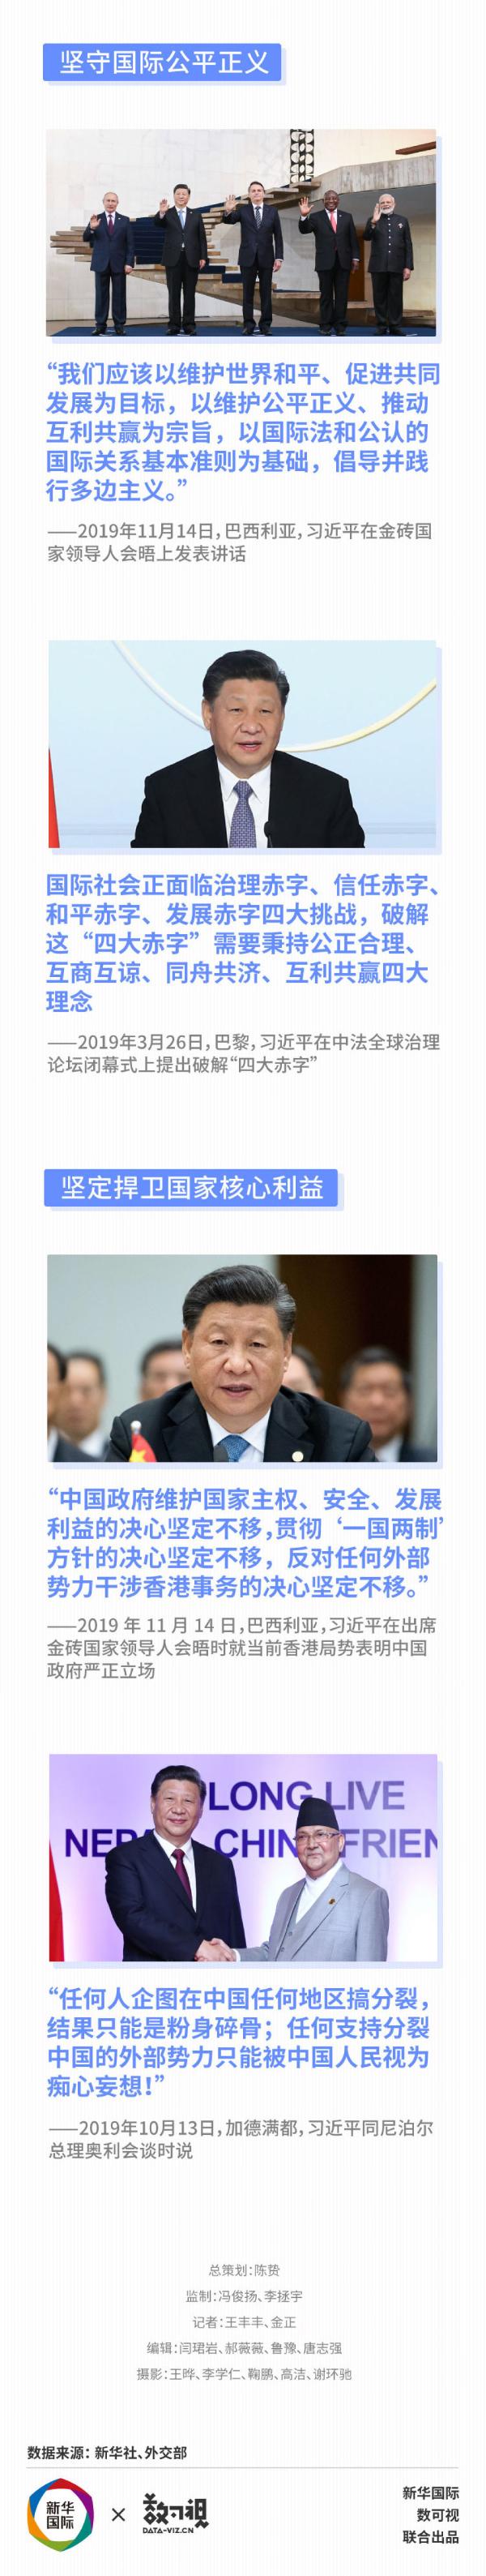 图解2019年习近平出访